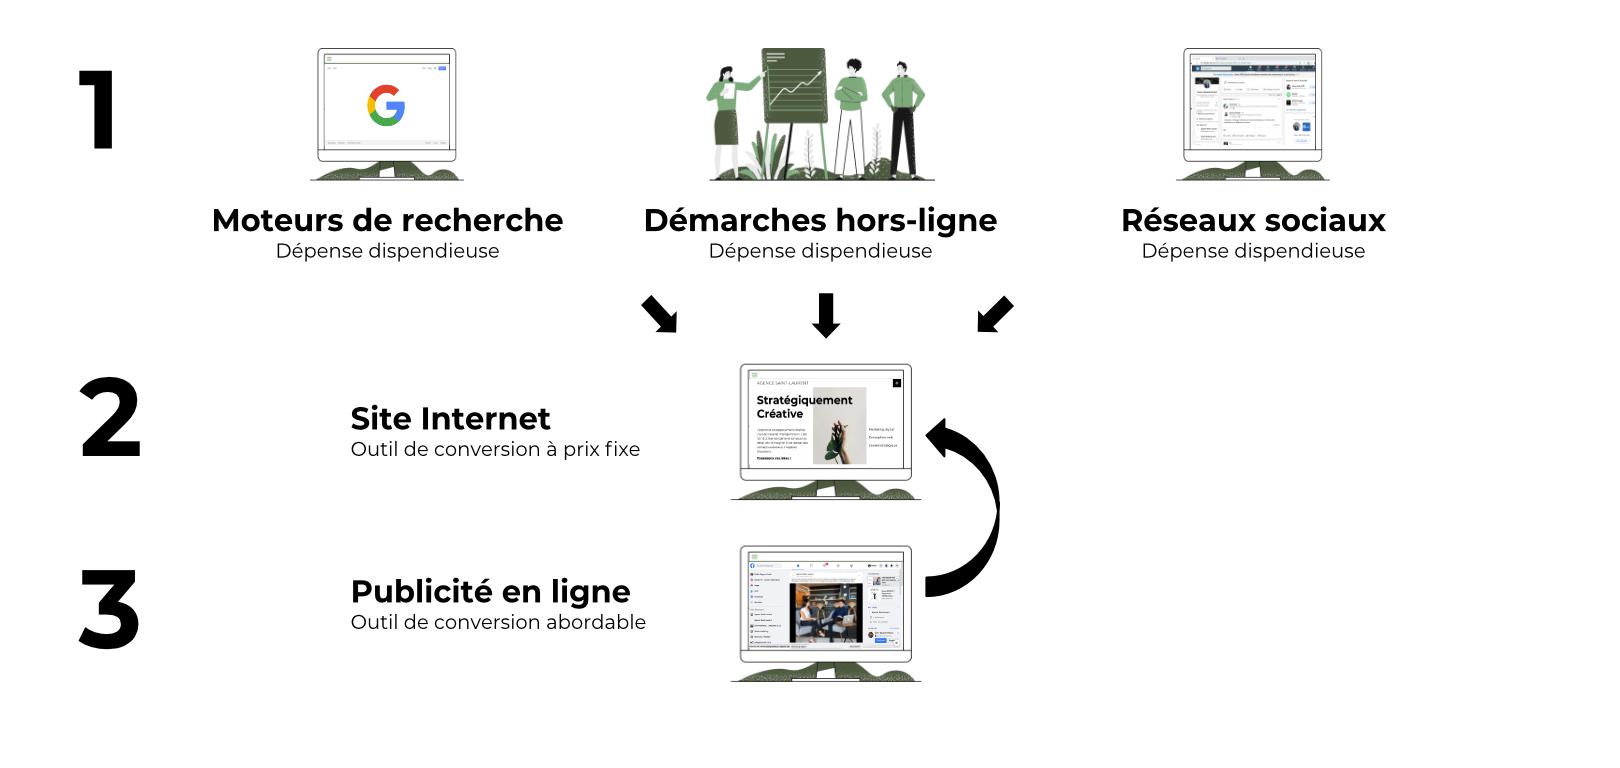 Schéma de la stratégie des besoins définis